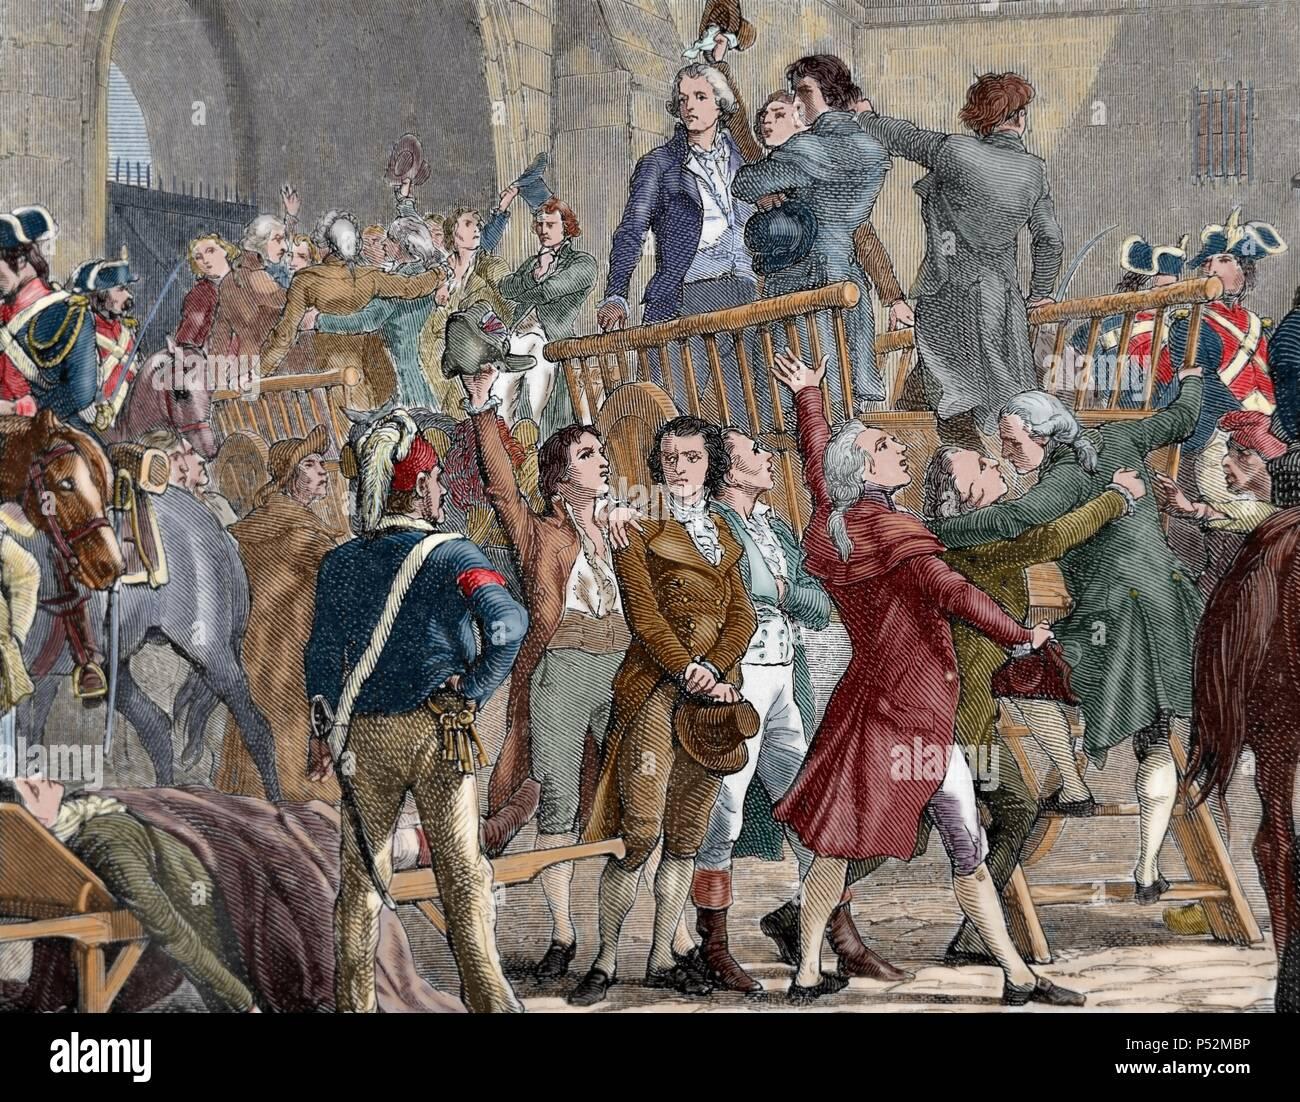 Rivoluzione francese (1789). Il Girondists fuori del carcere per andare al  patibolo. Moderato e i politici federalisti,